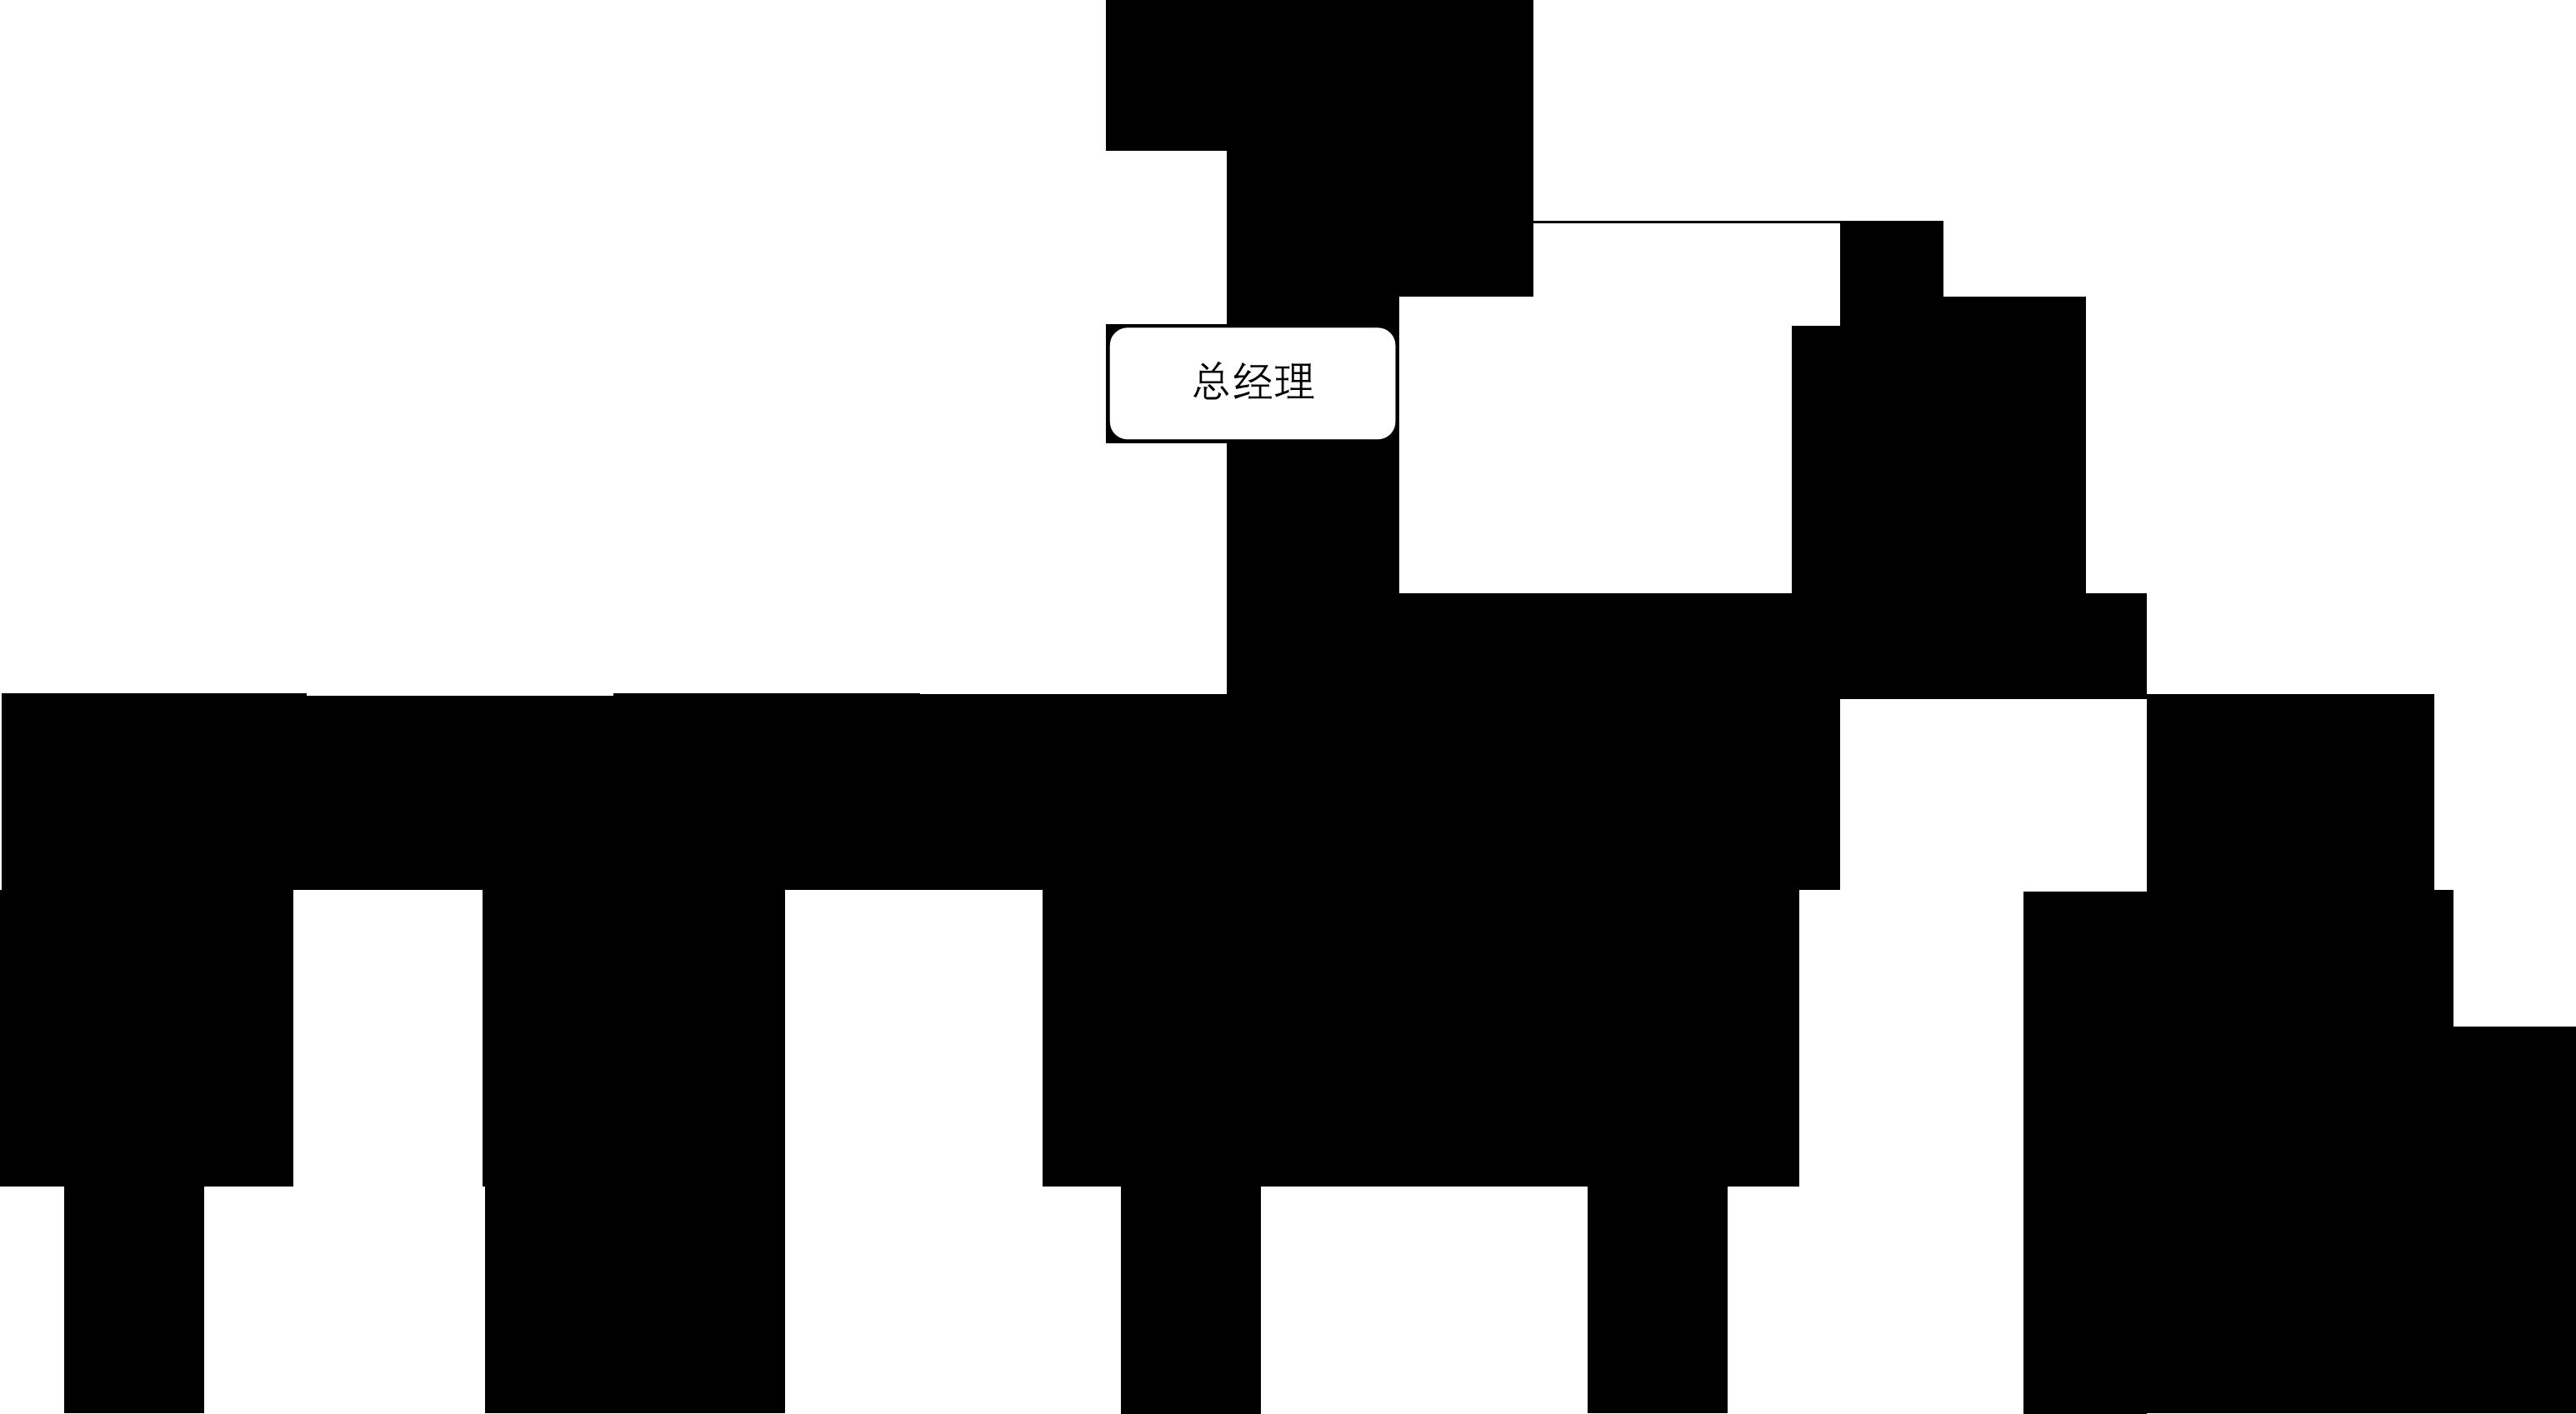 洛陽心思路公司組織架構圖